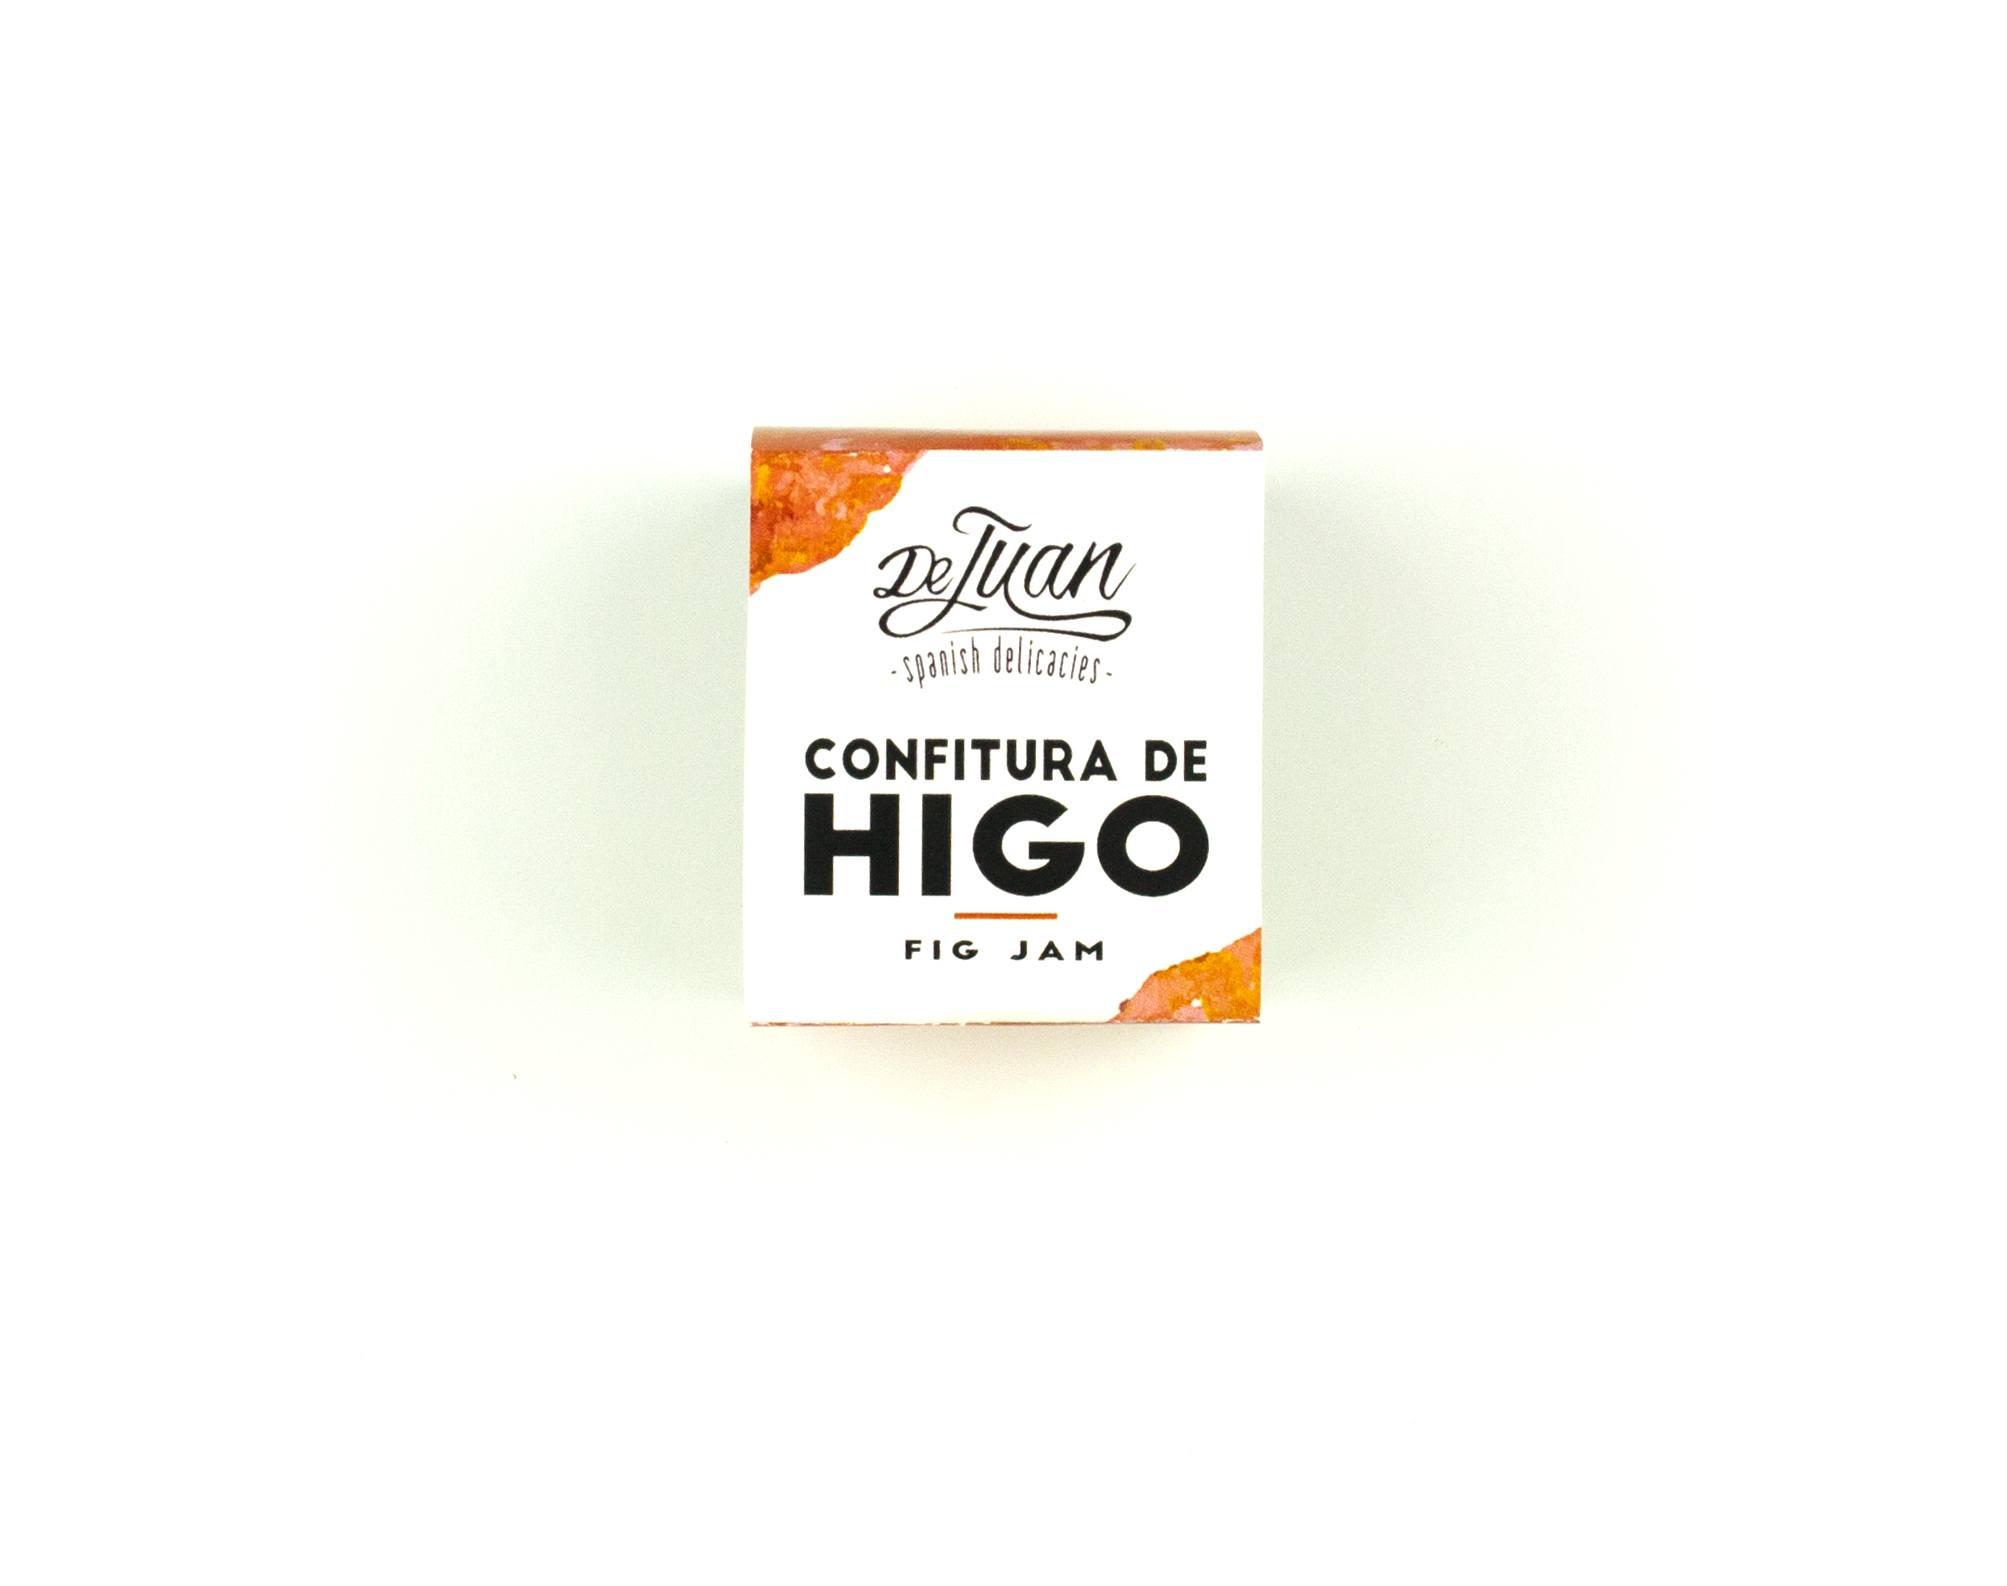 Confitura de Higo